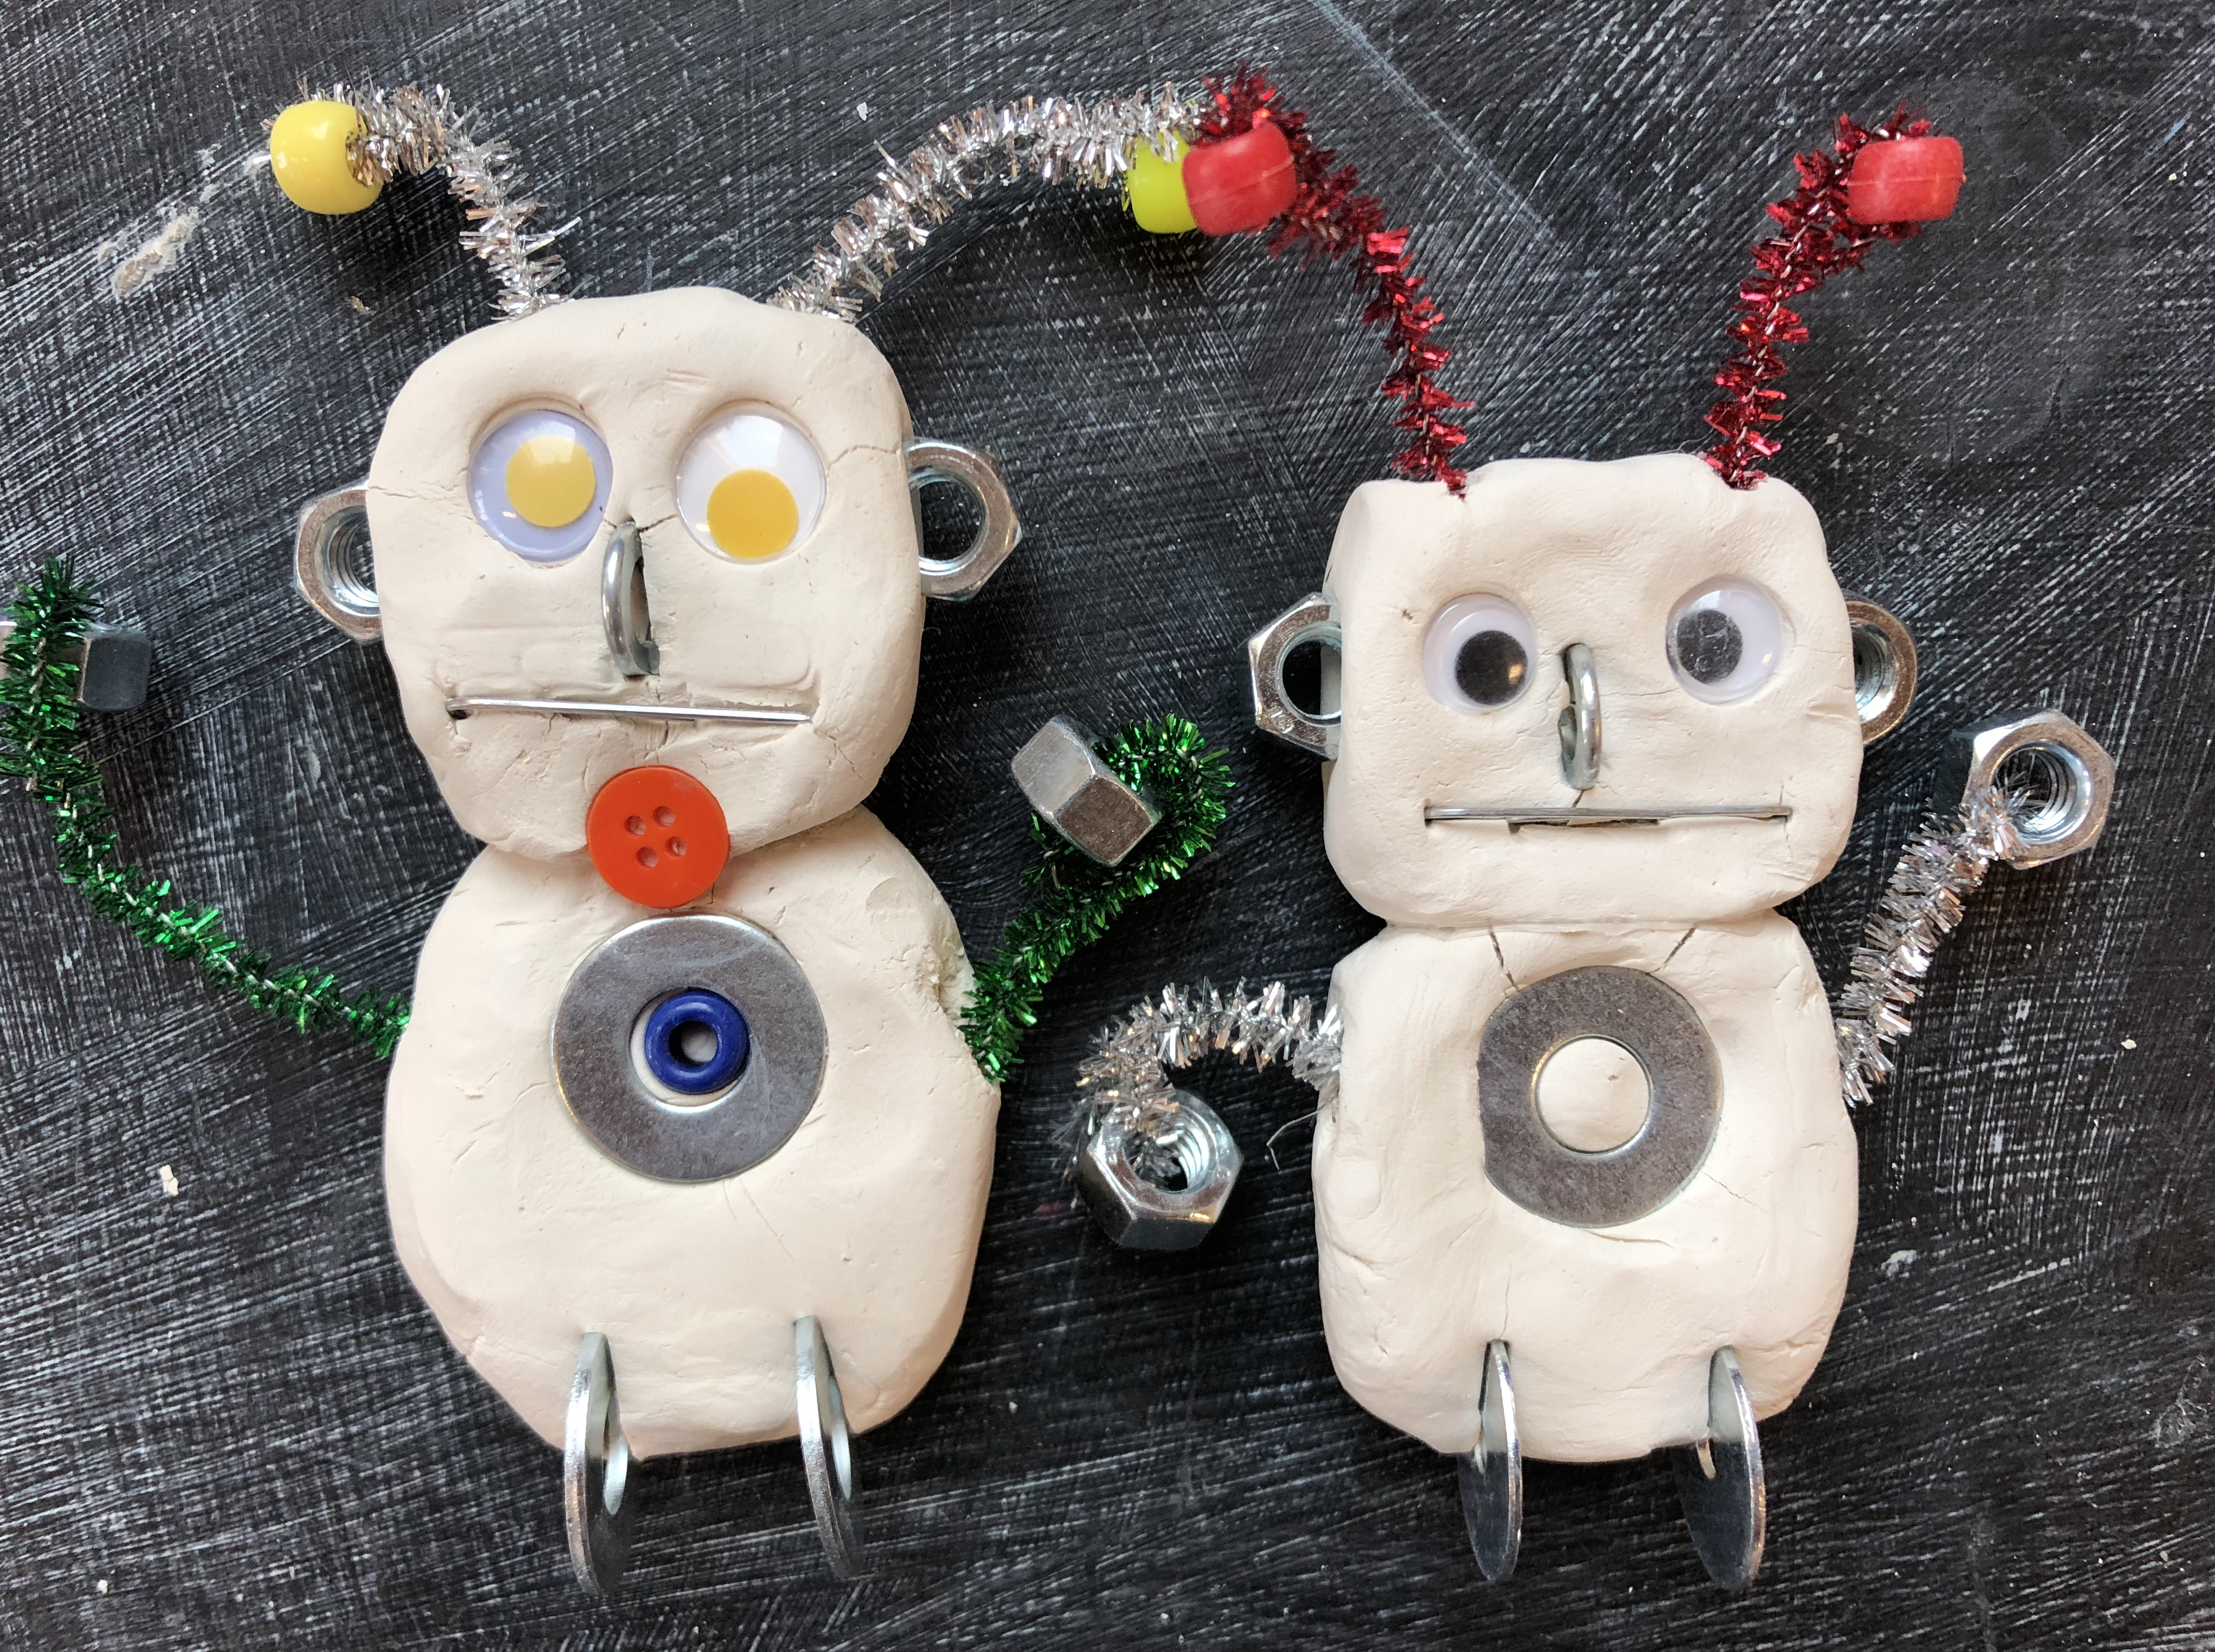 robotclay